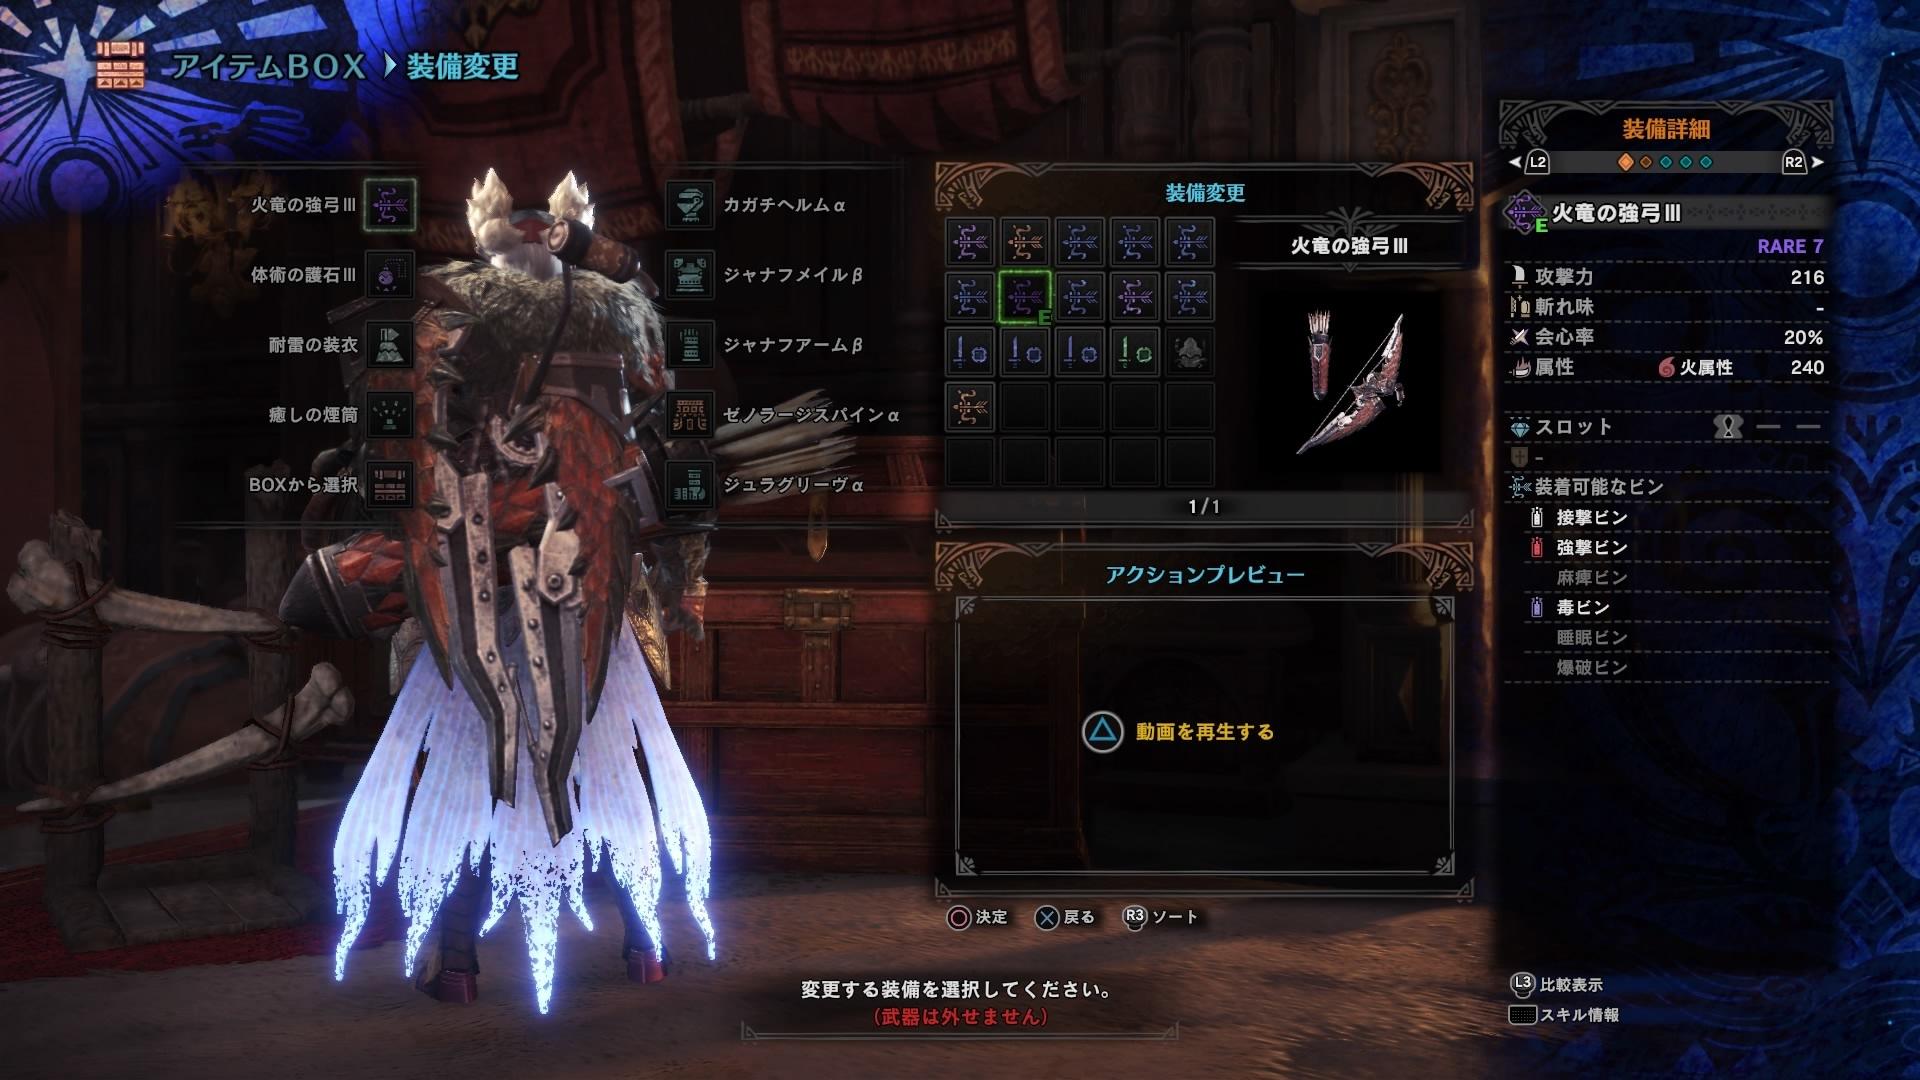 MHW_火竜の強弓Ⅲ